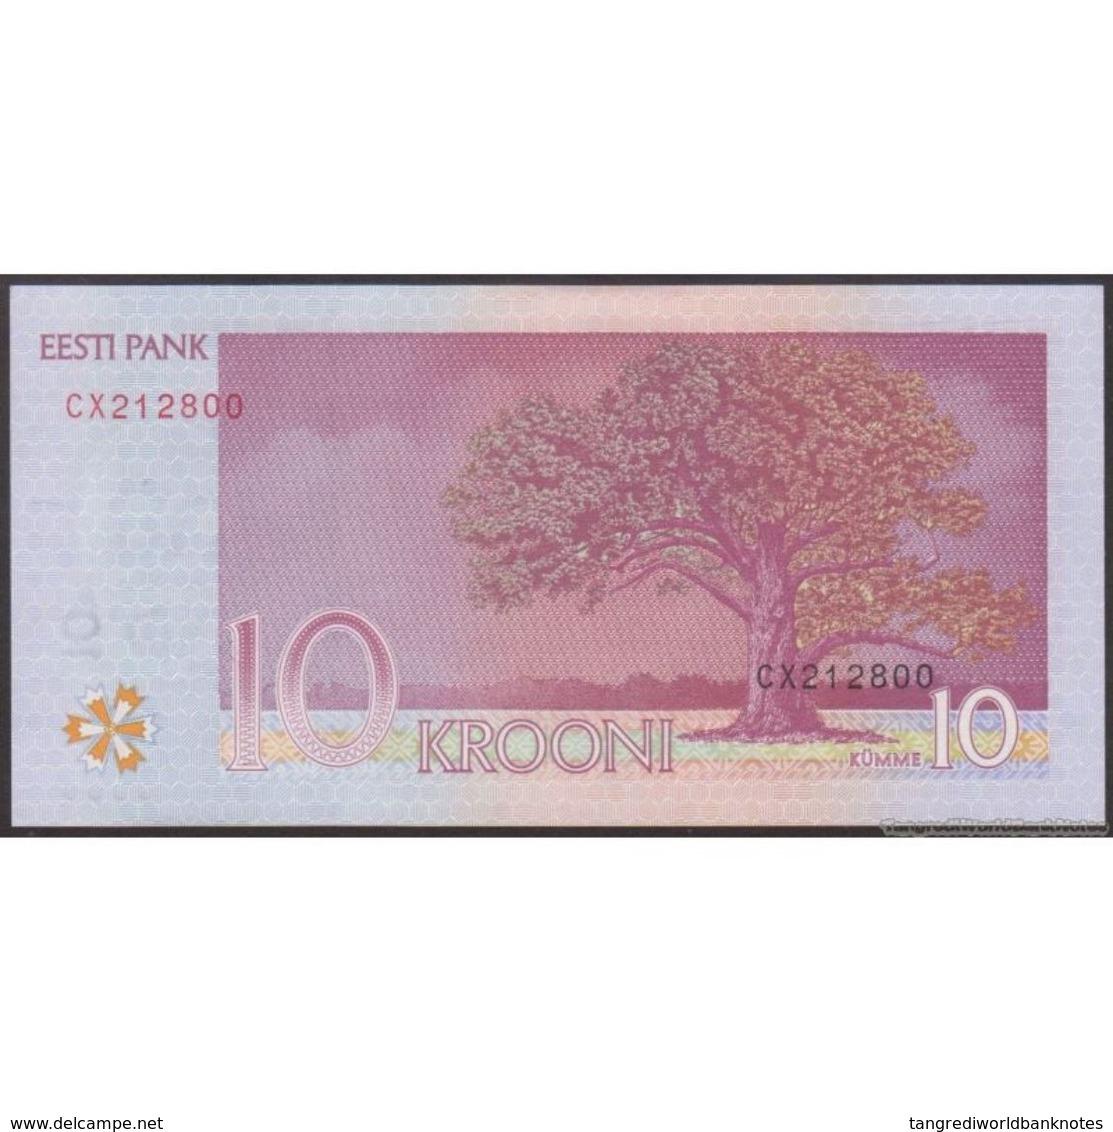 TWN - ESTONIA 86b - 10 Krooni 2007 Prefix CX UNC - Estonia